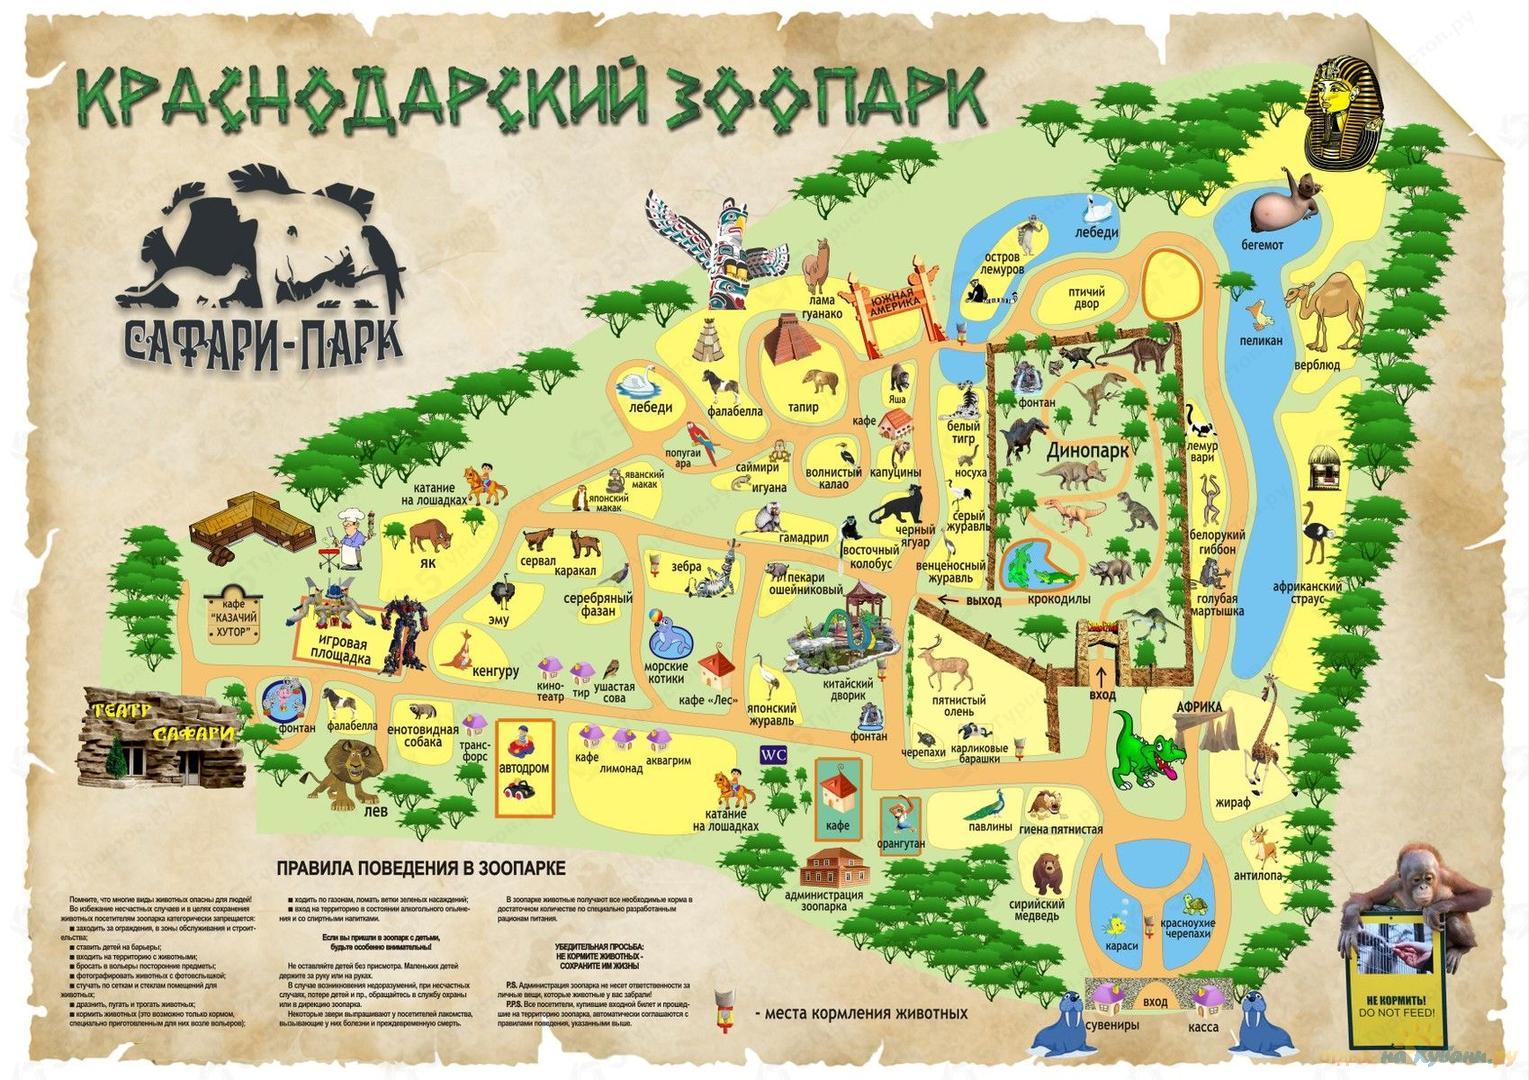 Сафари-парк в Краснодаре - YouTube